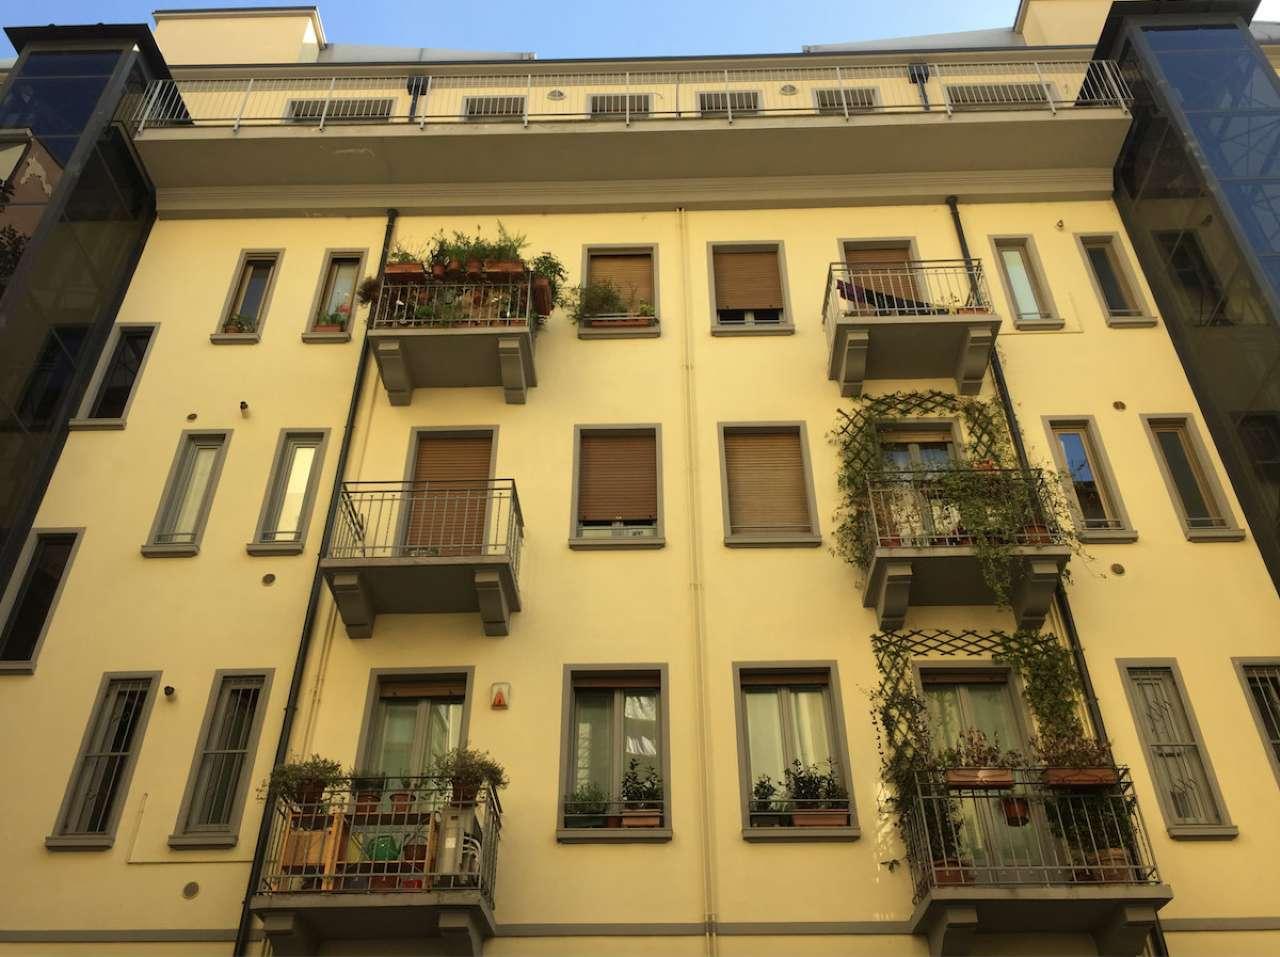 Attico in Vendita a Milano 17 Marghera / Wagner / Fiera: 4 locali, 135 mq